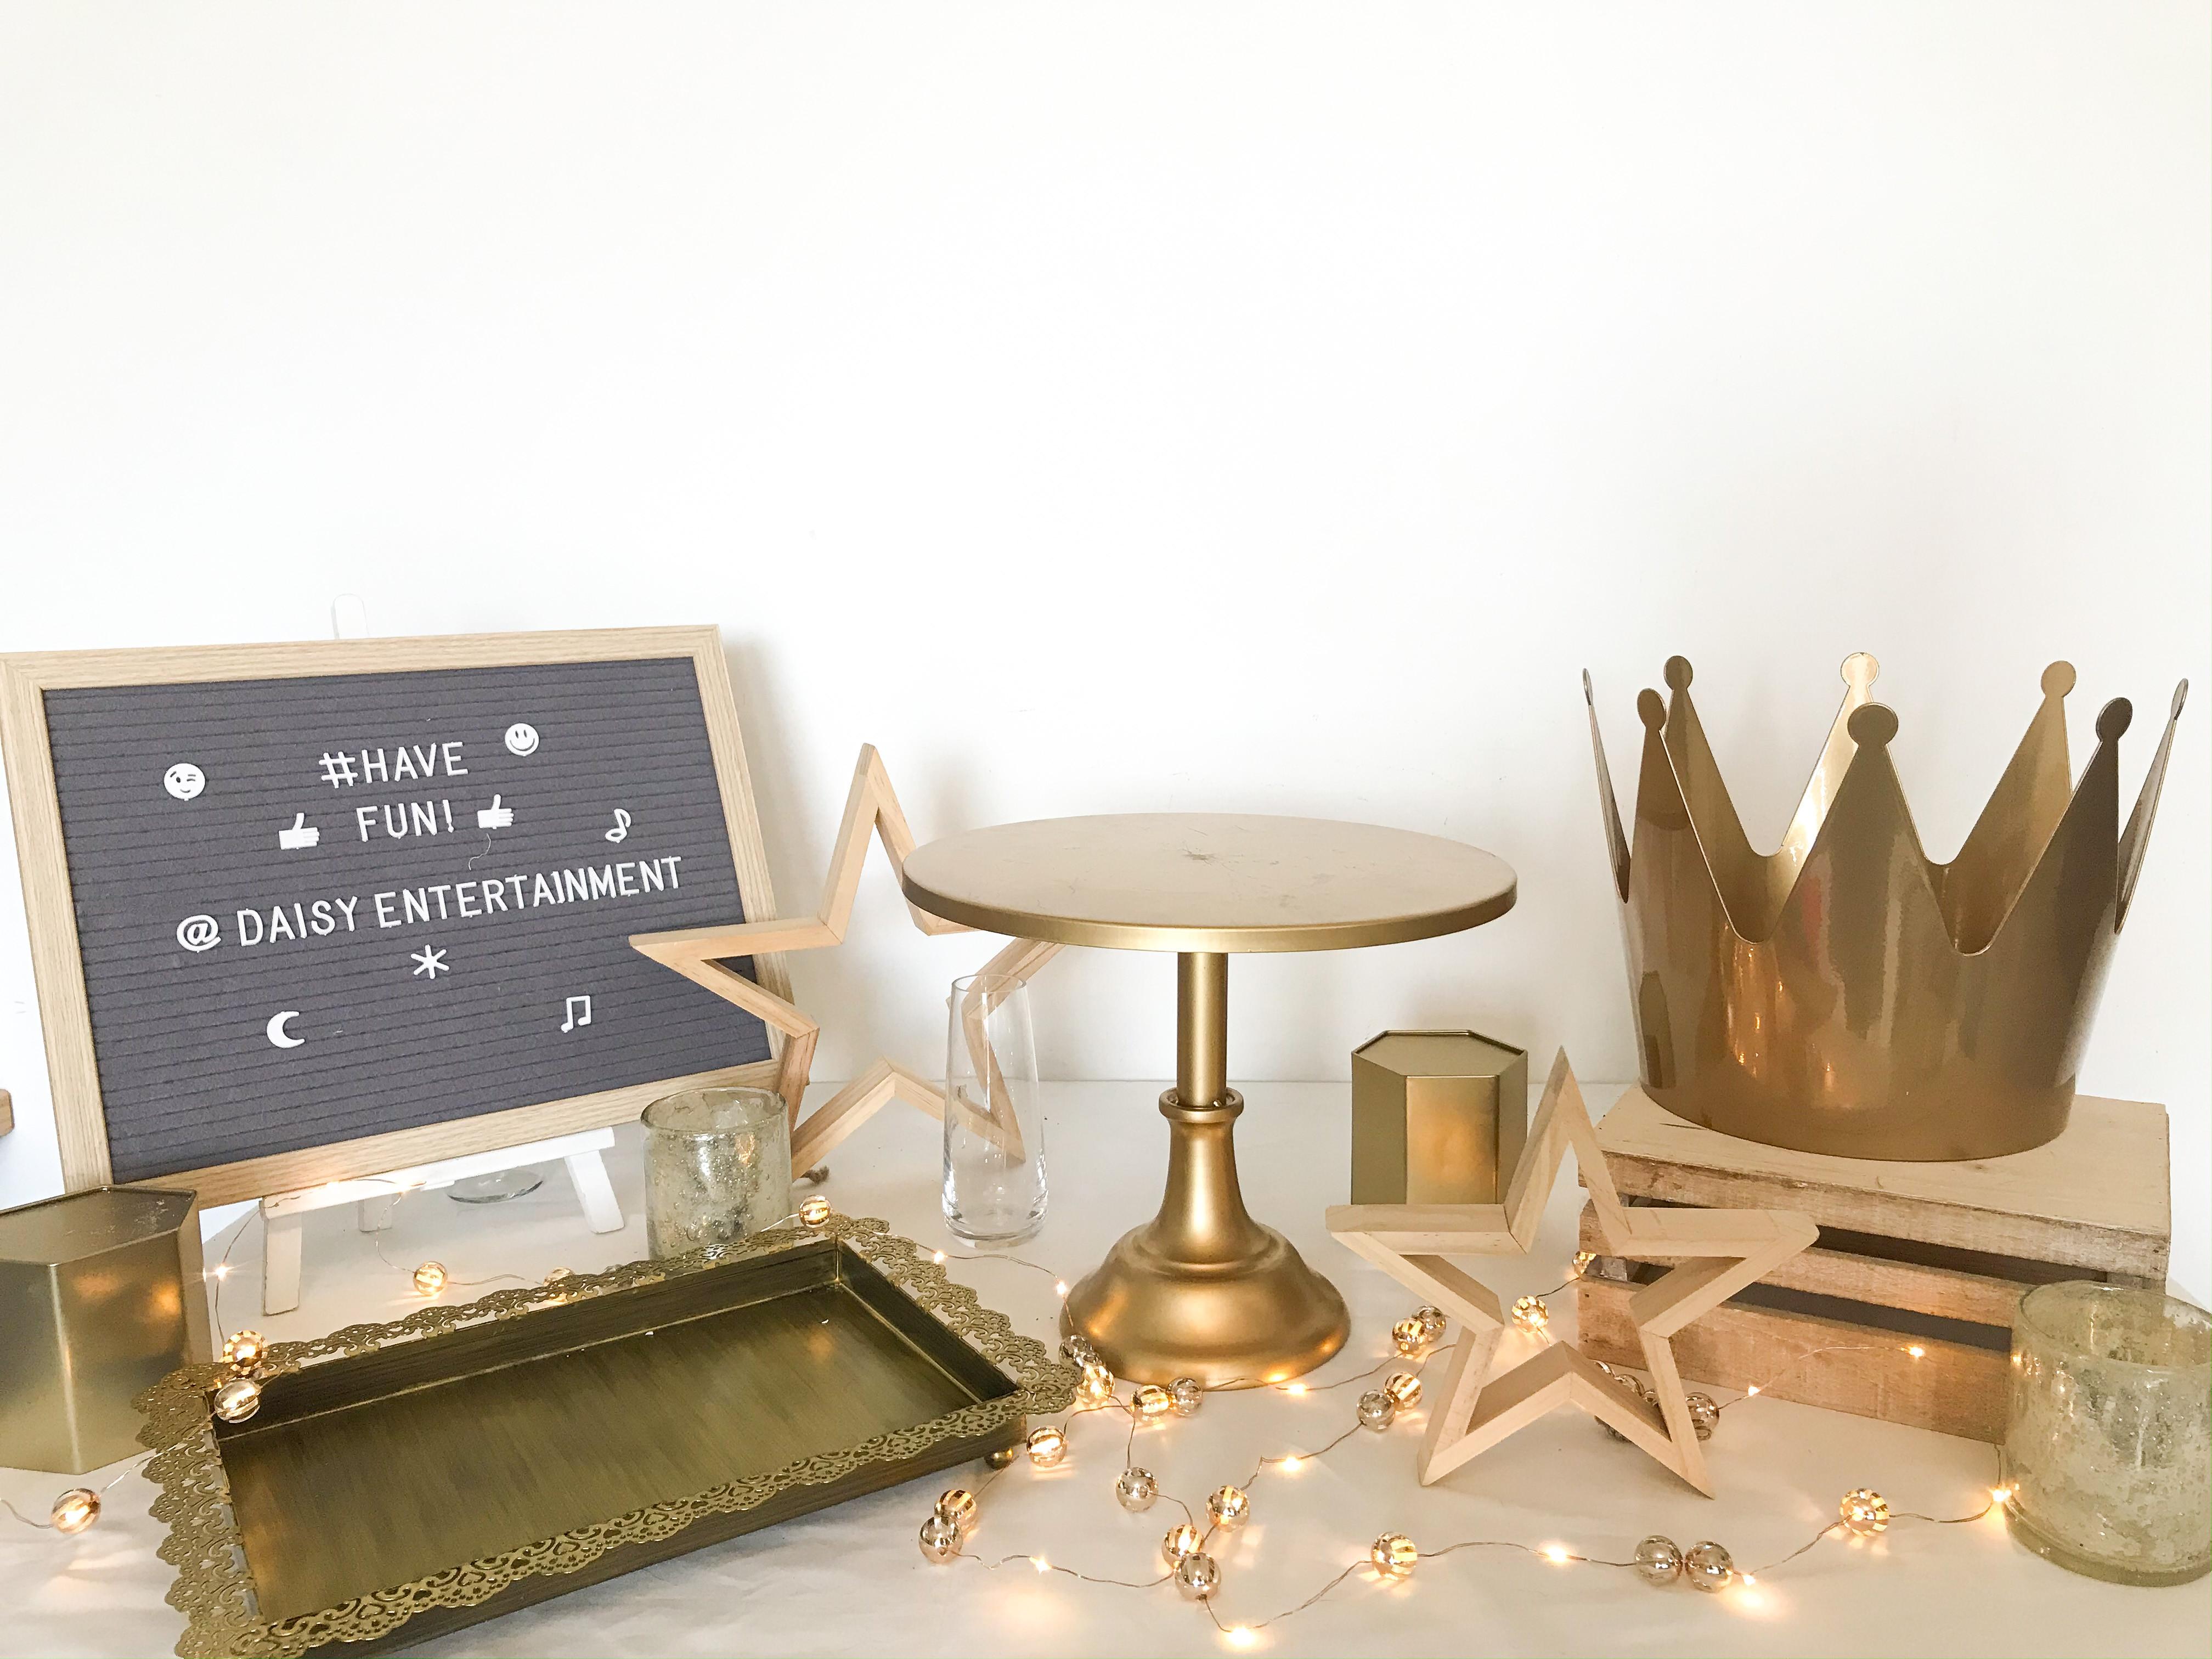 Rental ware set: Royalty!